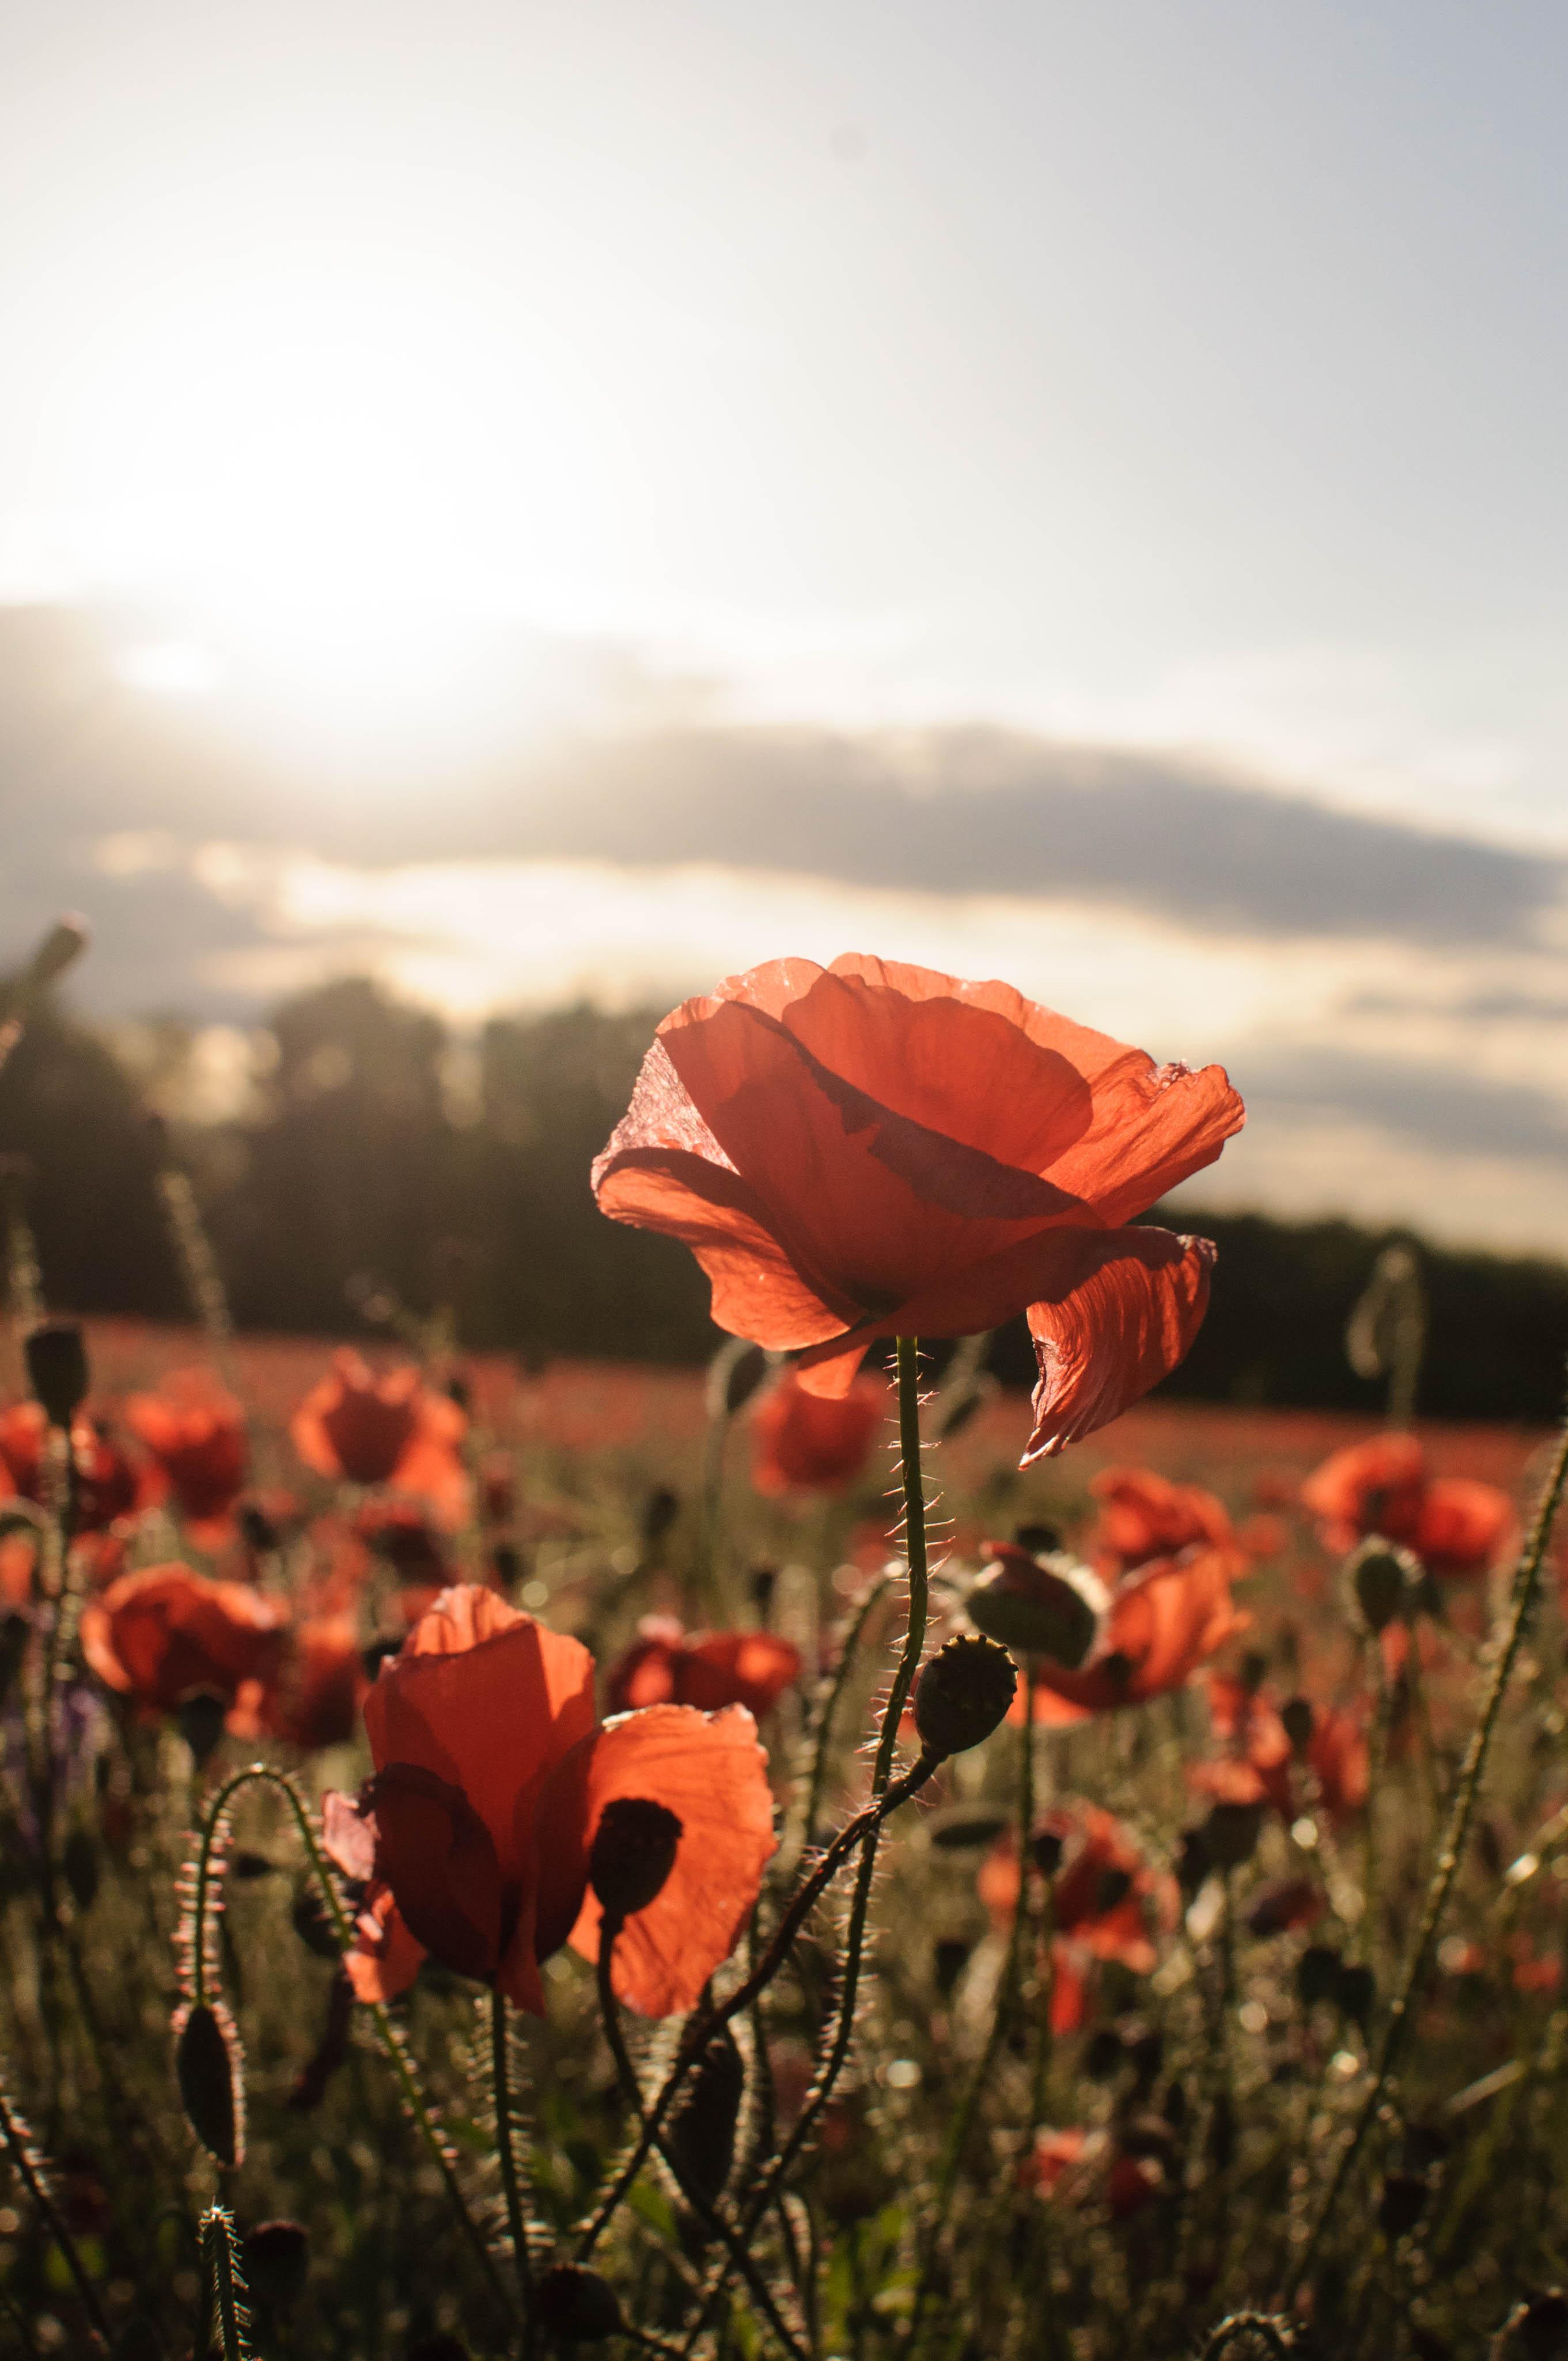 131593 скачать обои Цветы, Маки, Красный, Поле, Солнечный Свет - заставки и картинки бесплатно